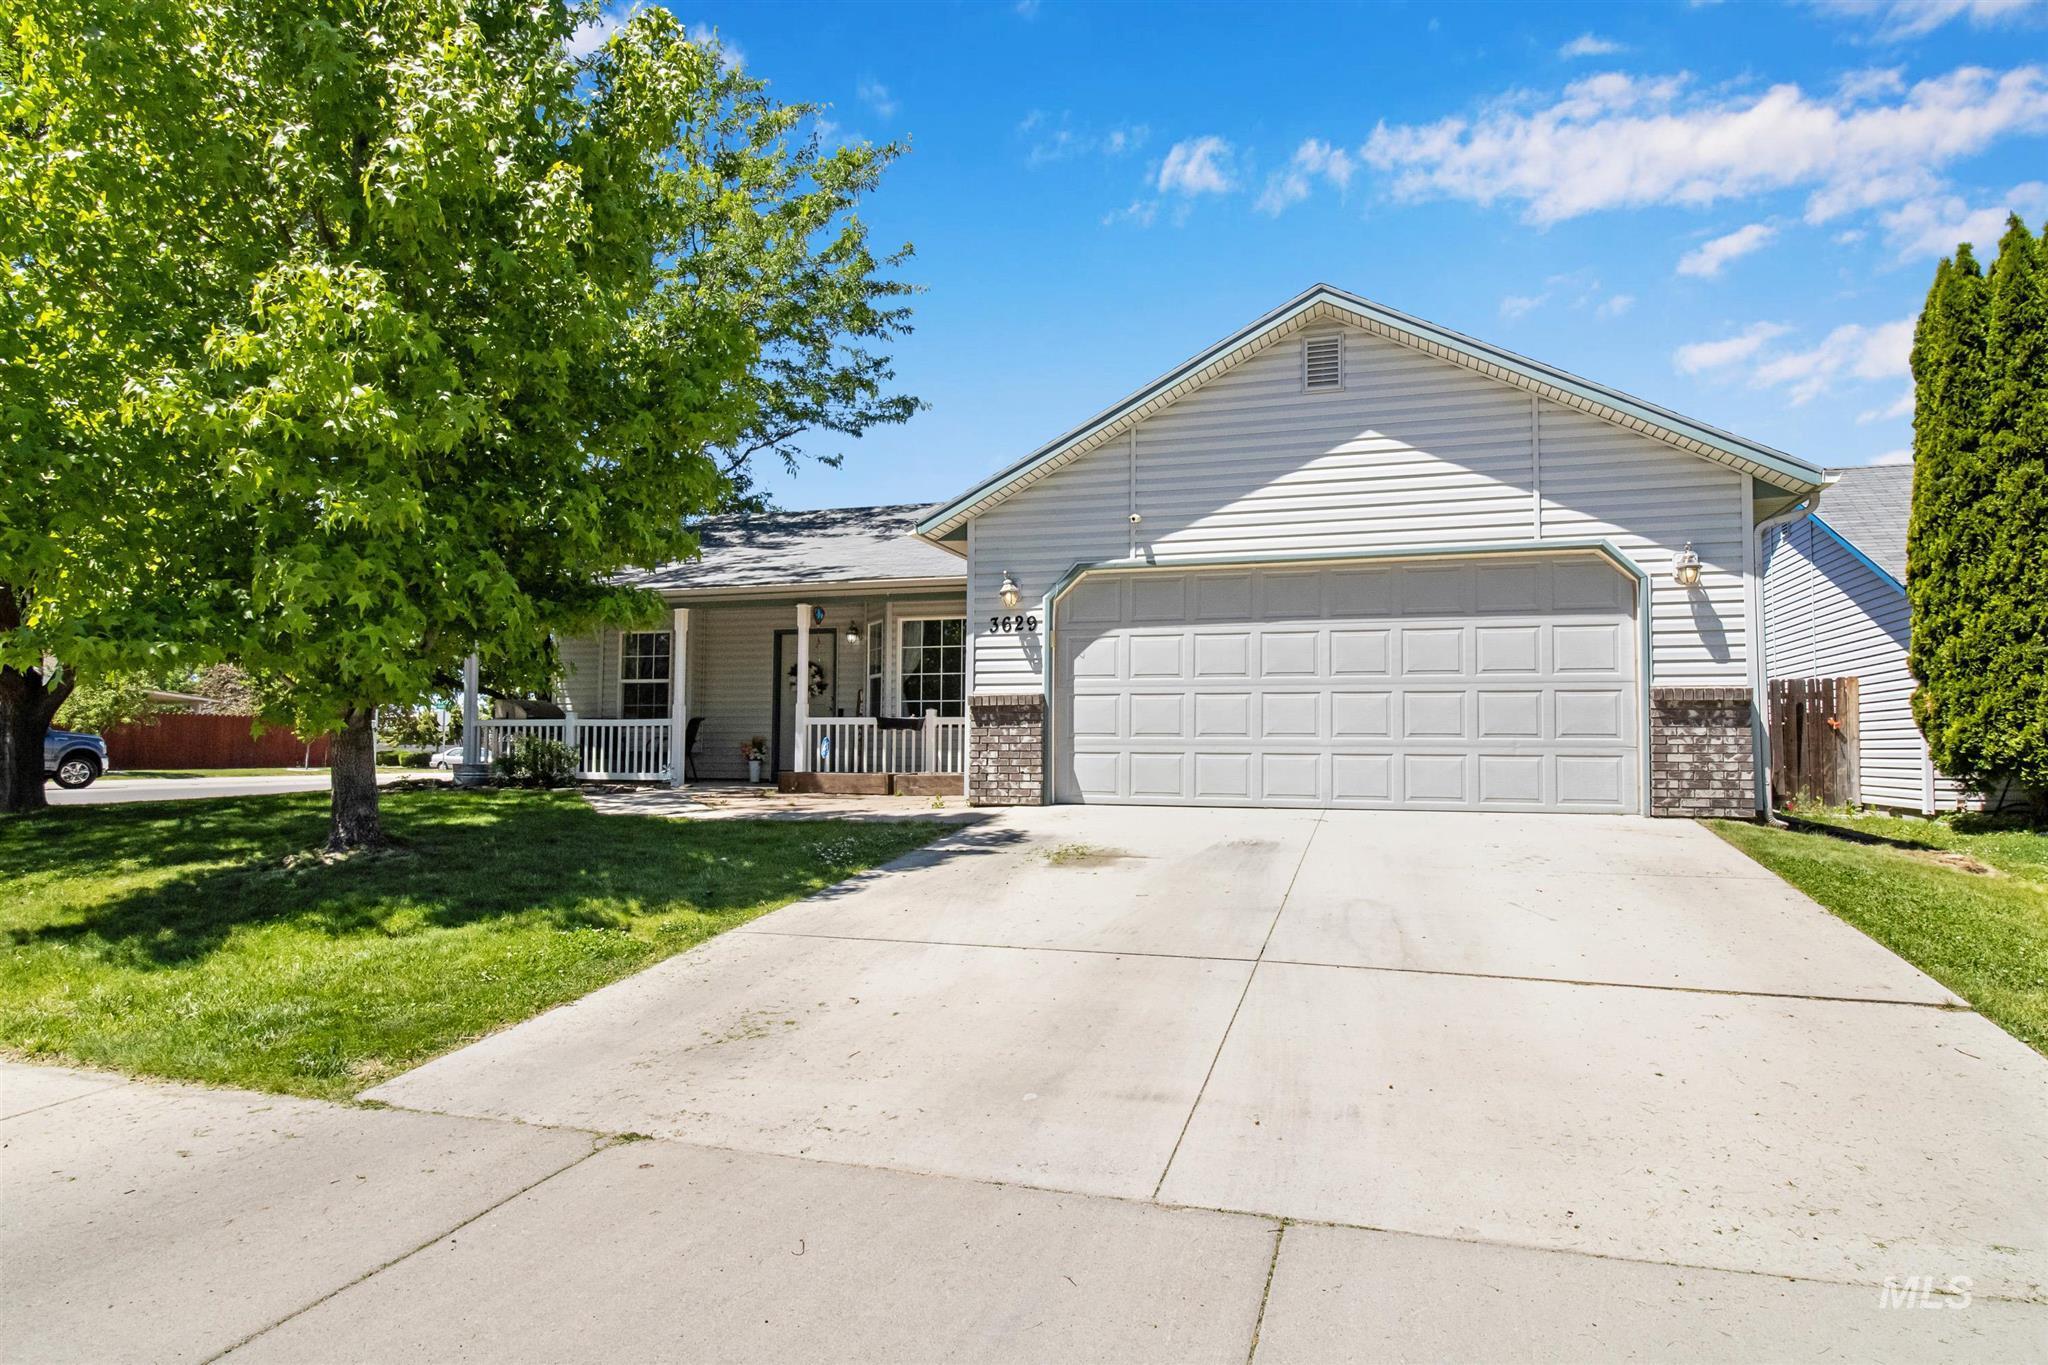 3629 N Bottle Brush Ave Property Photo